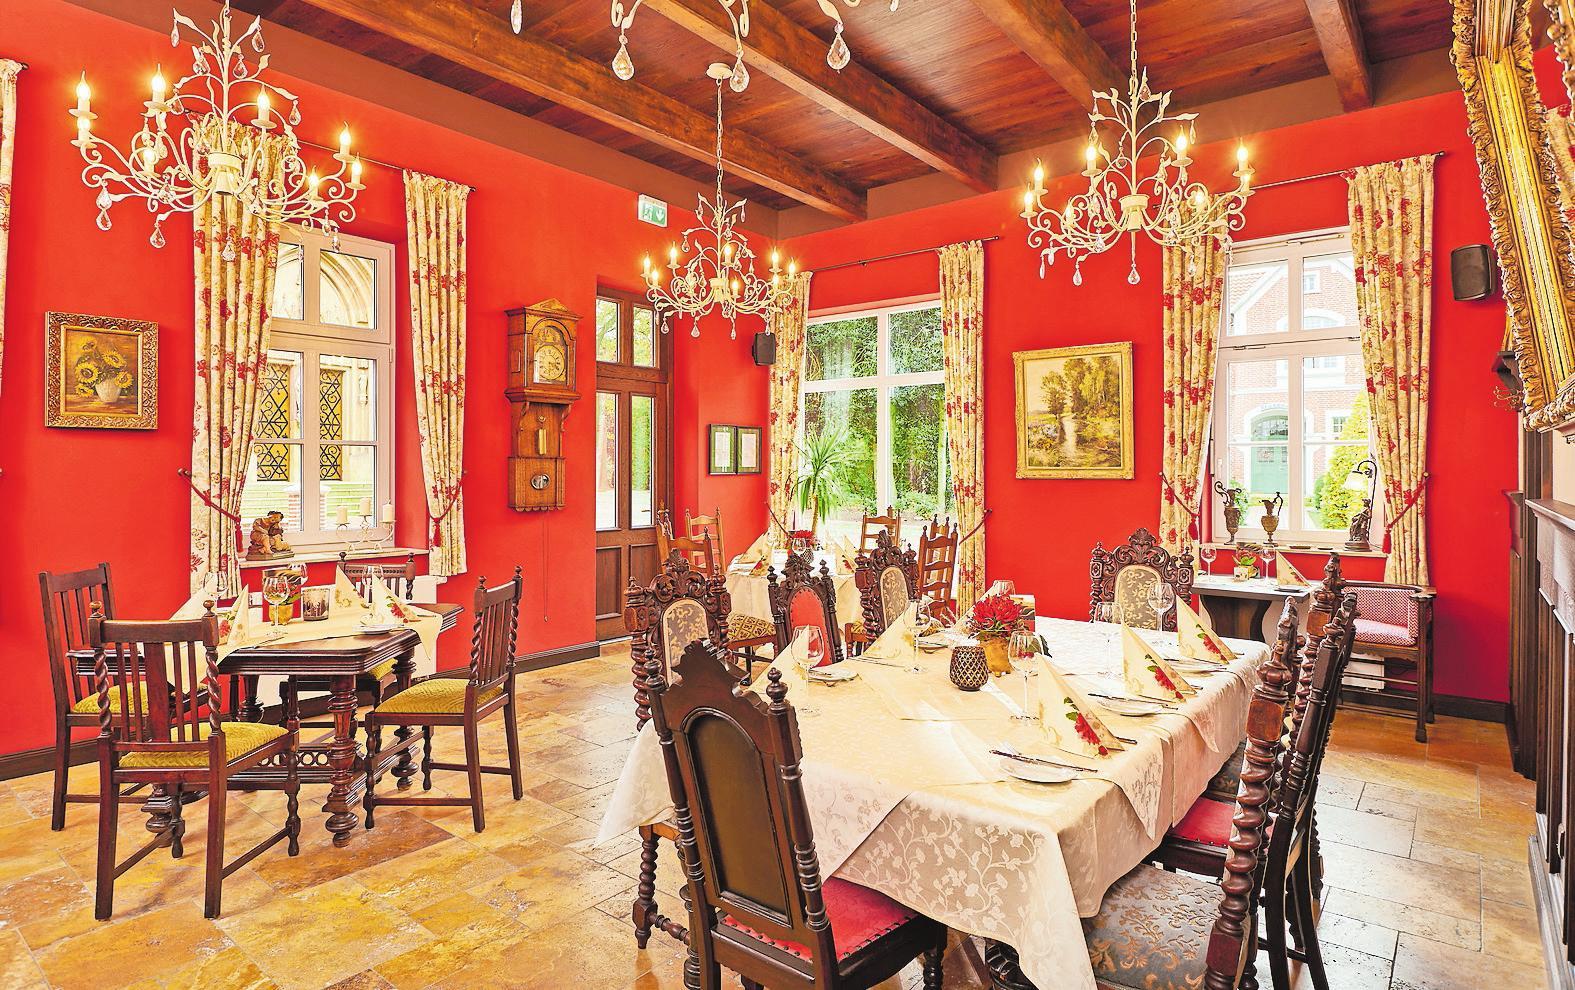 Das Restaurant: Hier können sich die Gäste wohlfühlen. Mit viel Gefühl für die Geschichte des Hauses wurden die Räume eingerichtet. Fotos: © Ratsklause